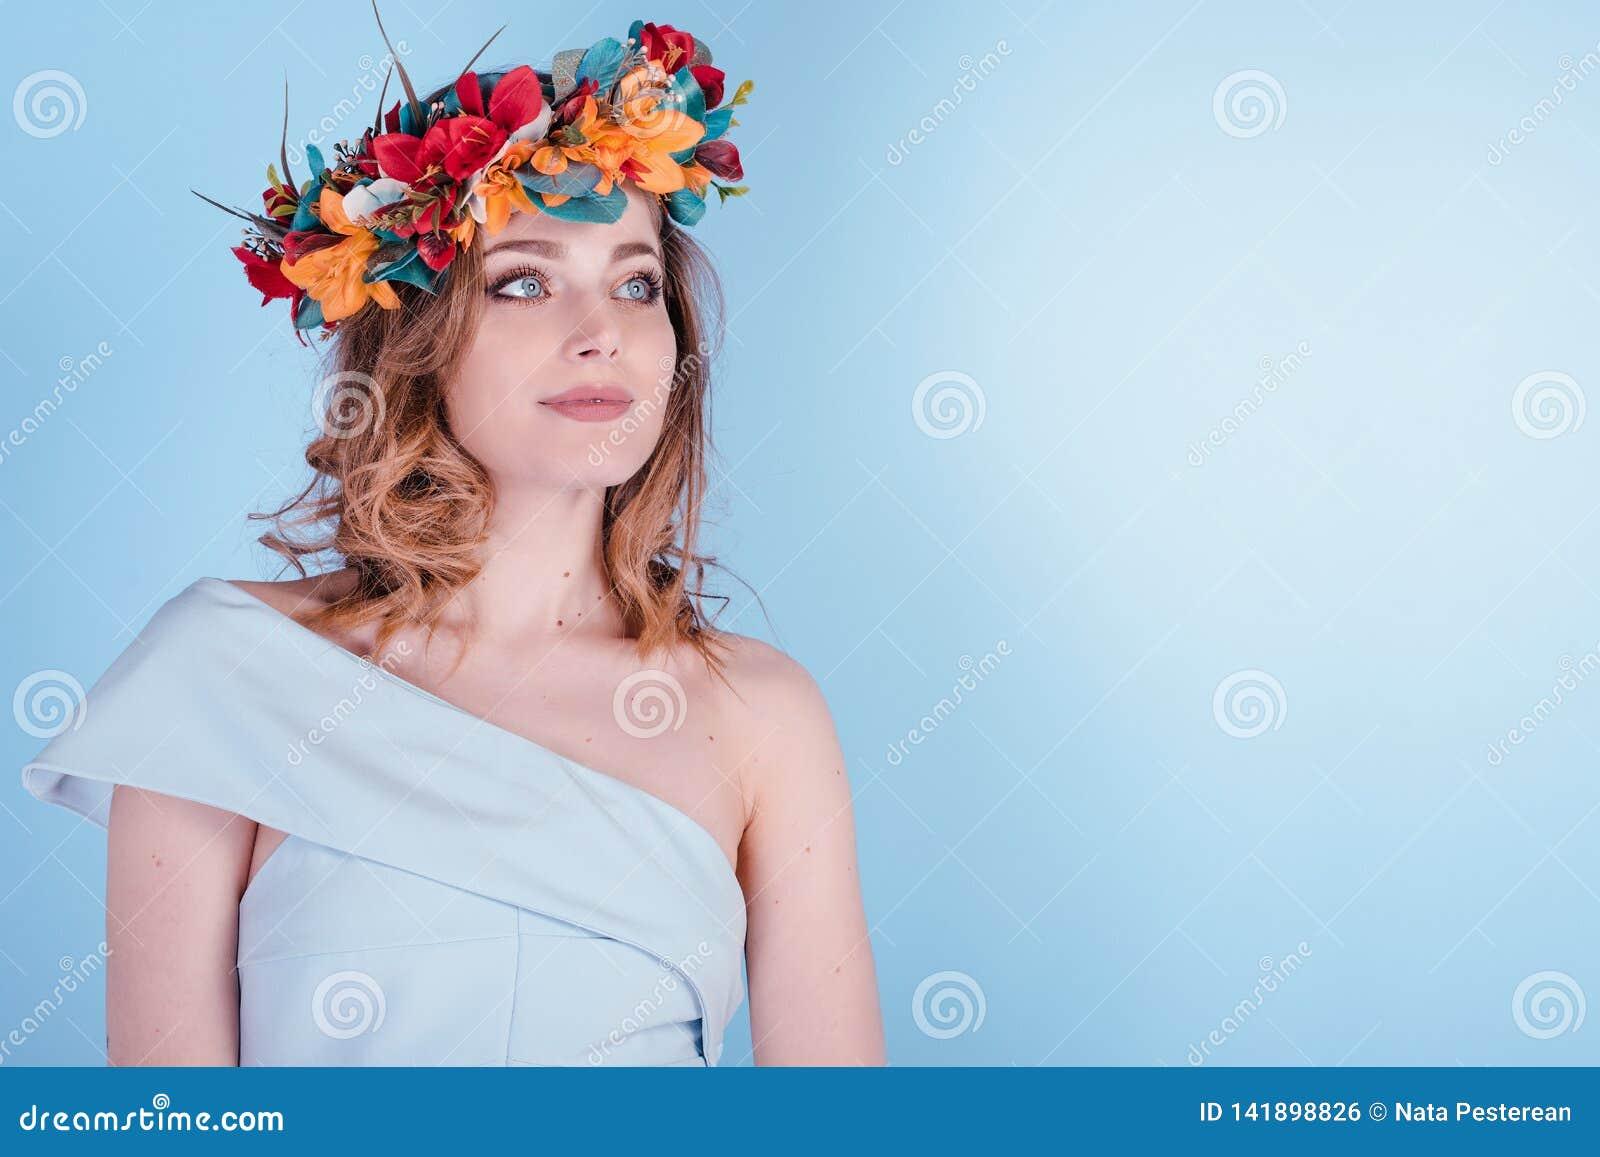 Η όμορφη νέα γυναίκα που φορά τη floral headband κορώνα τιαρών απομόνωσε το ανοικτό μπλε υπόβαθρο, χαμόγελο